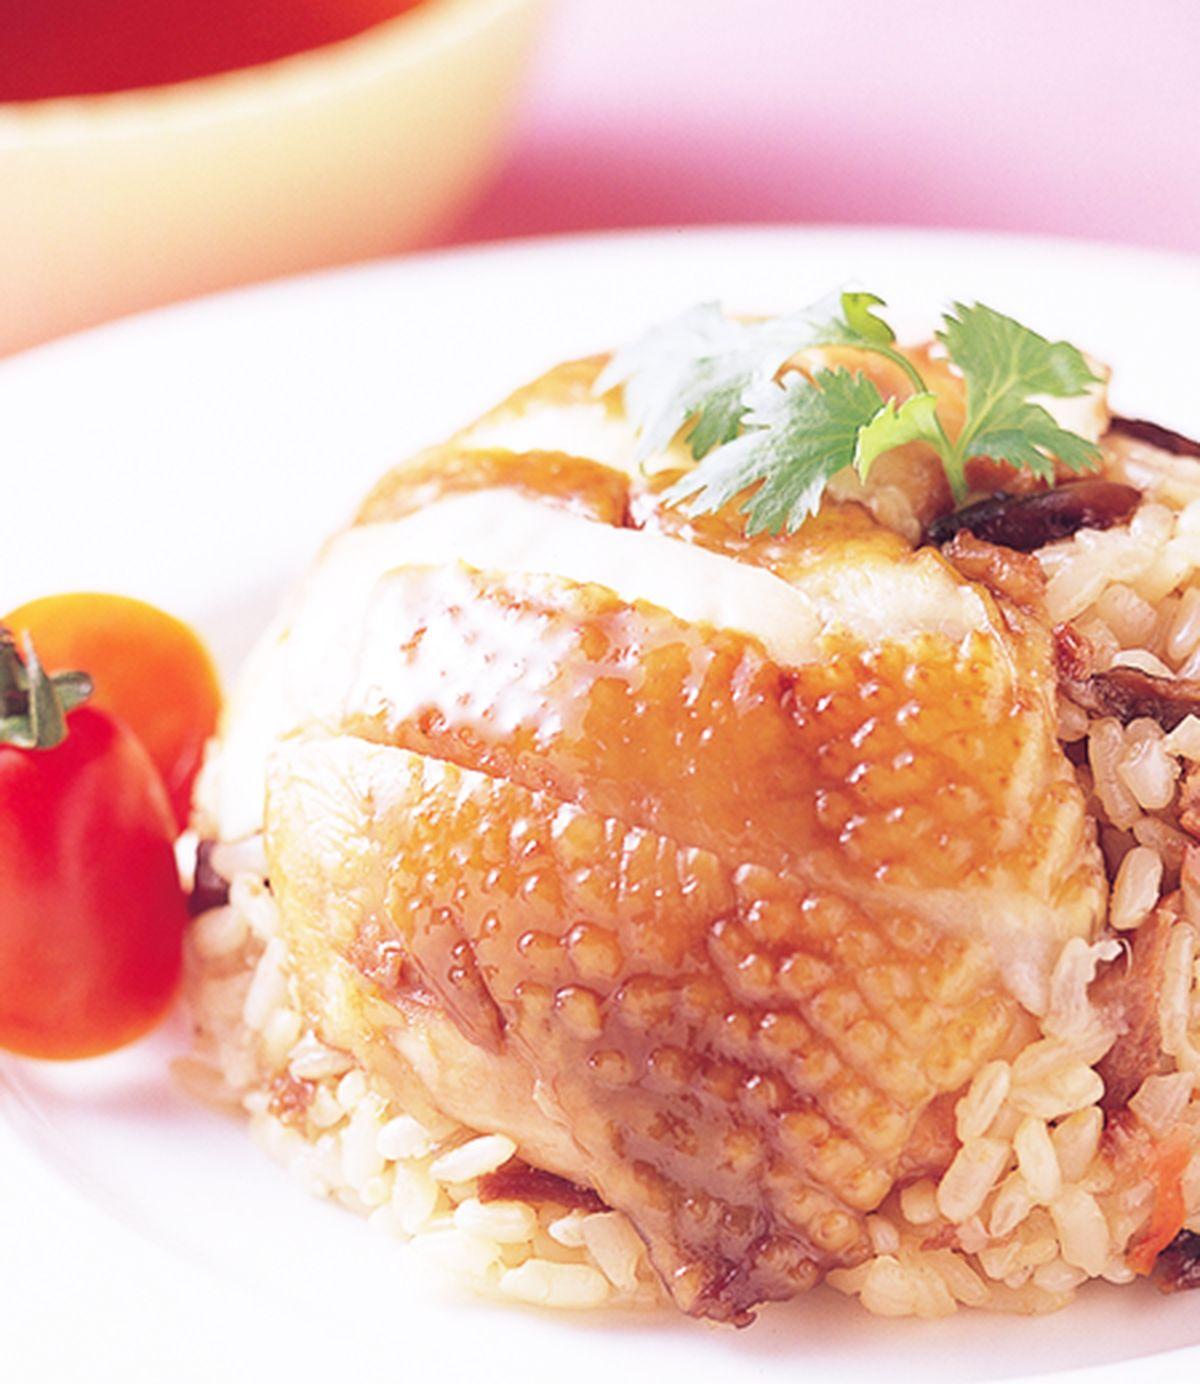 食譜:烤雞扣飯